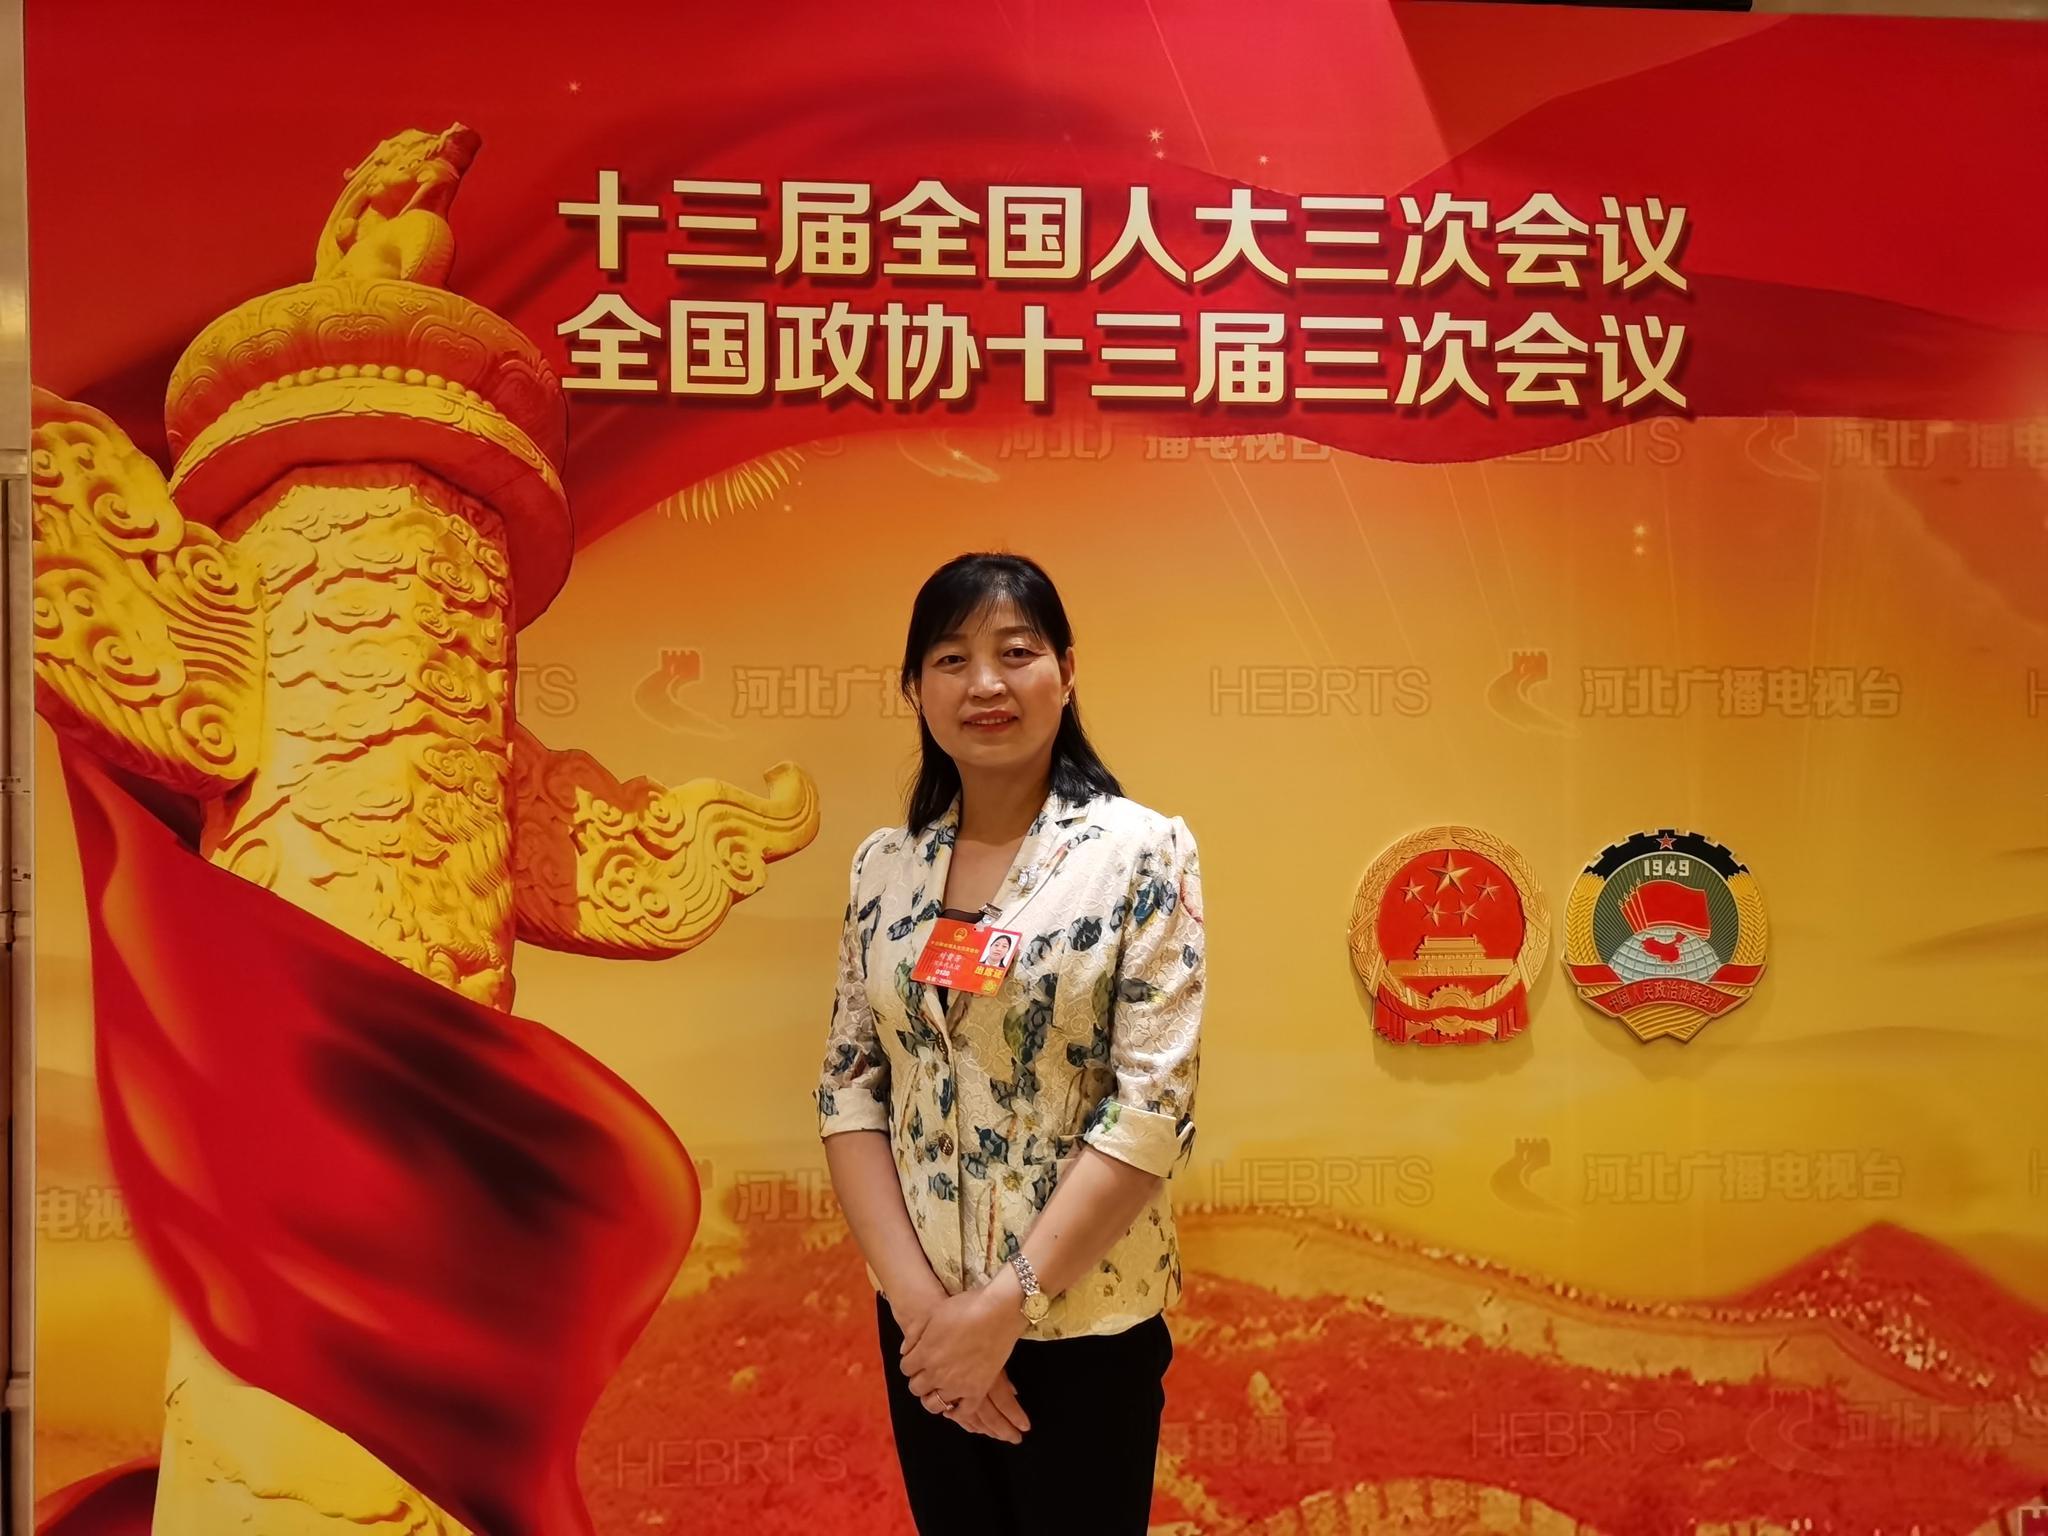 「摩天测速」代表刘贵芳建议农村摩天测速居家图片